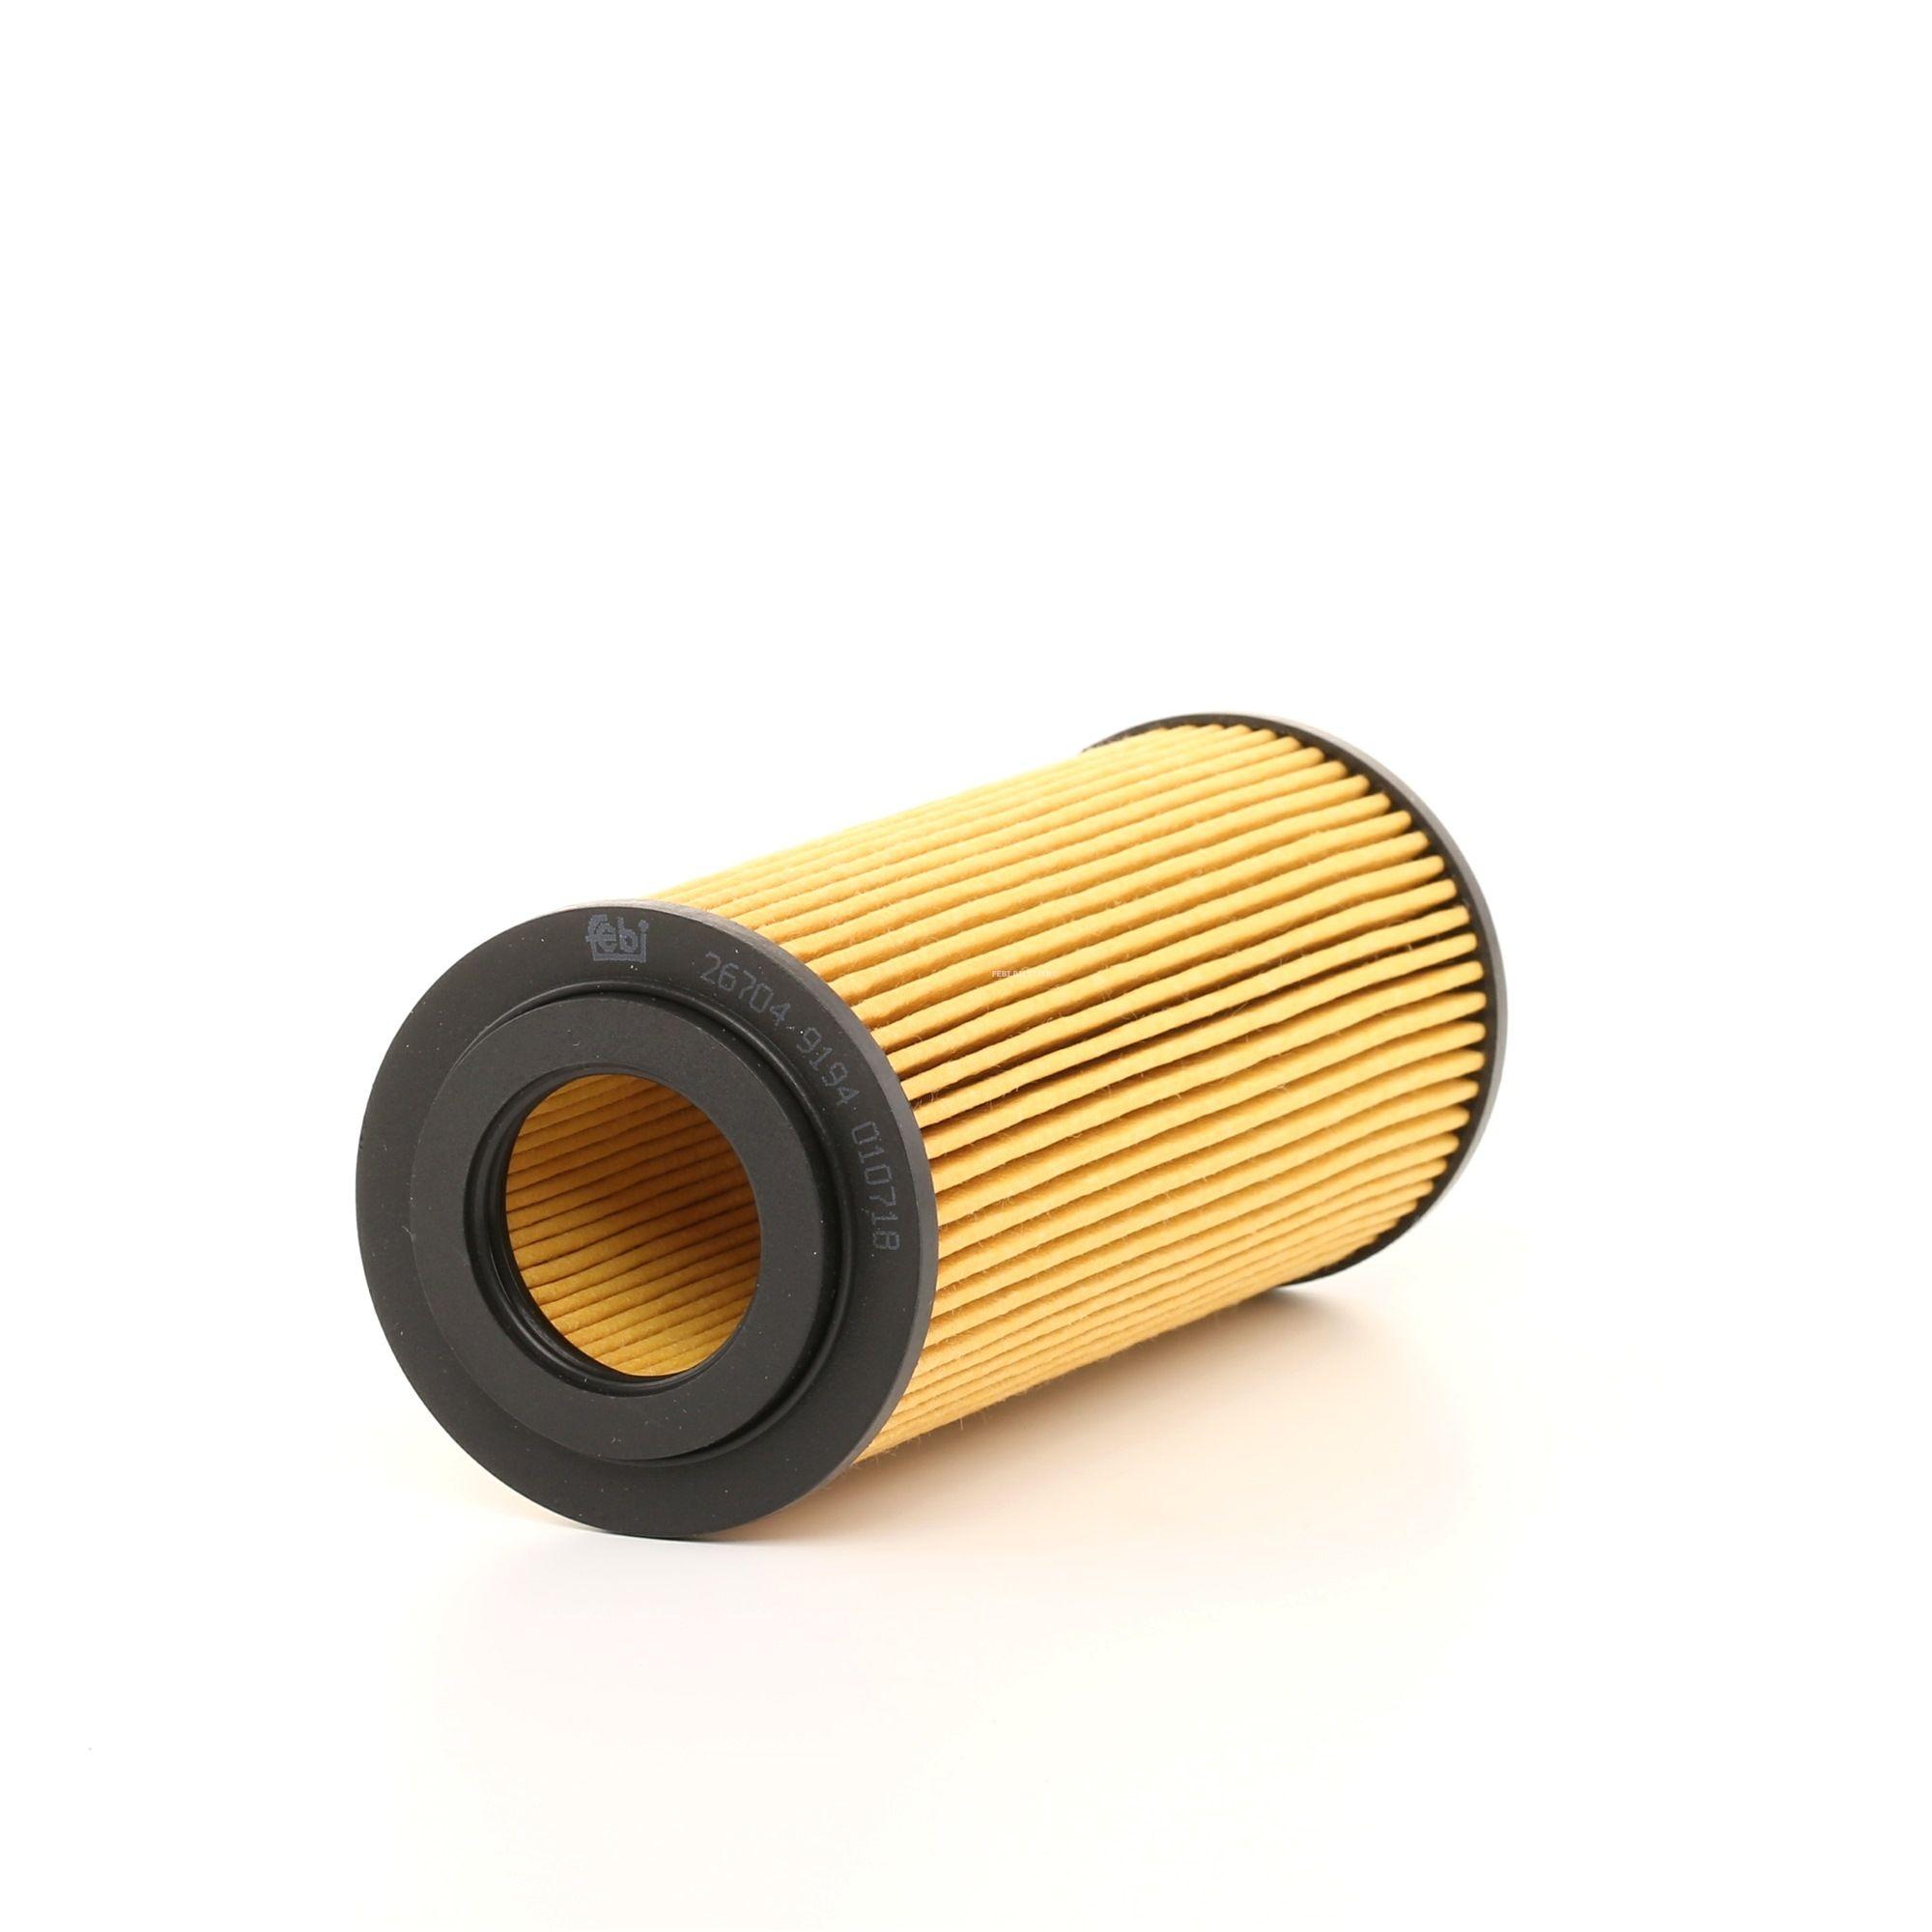 26704 FEBI BILSTEIN Filtereinsatz, mit Einspritzventil Innendurchmesser: 31,5mm, Ø: 65,0mm, Höhe: 154mm Ölfilter 26704 günstig kaufen